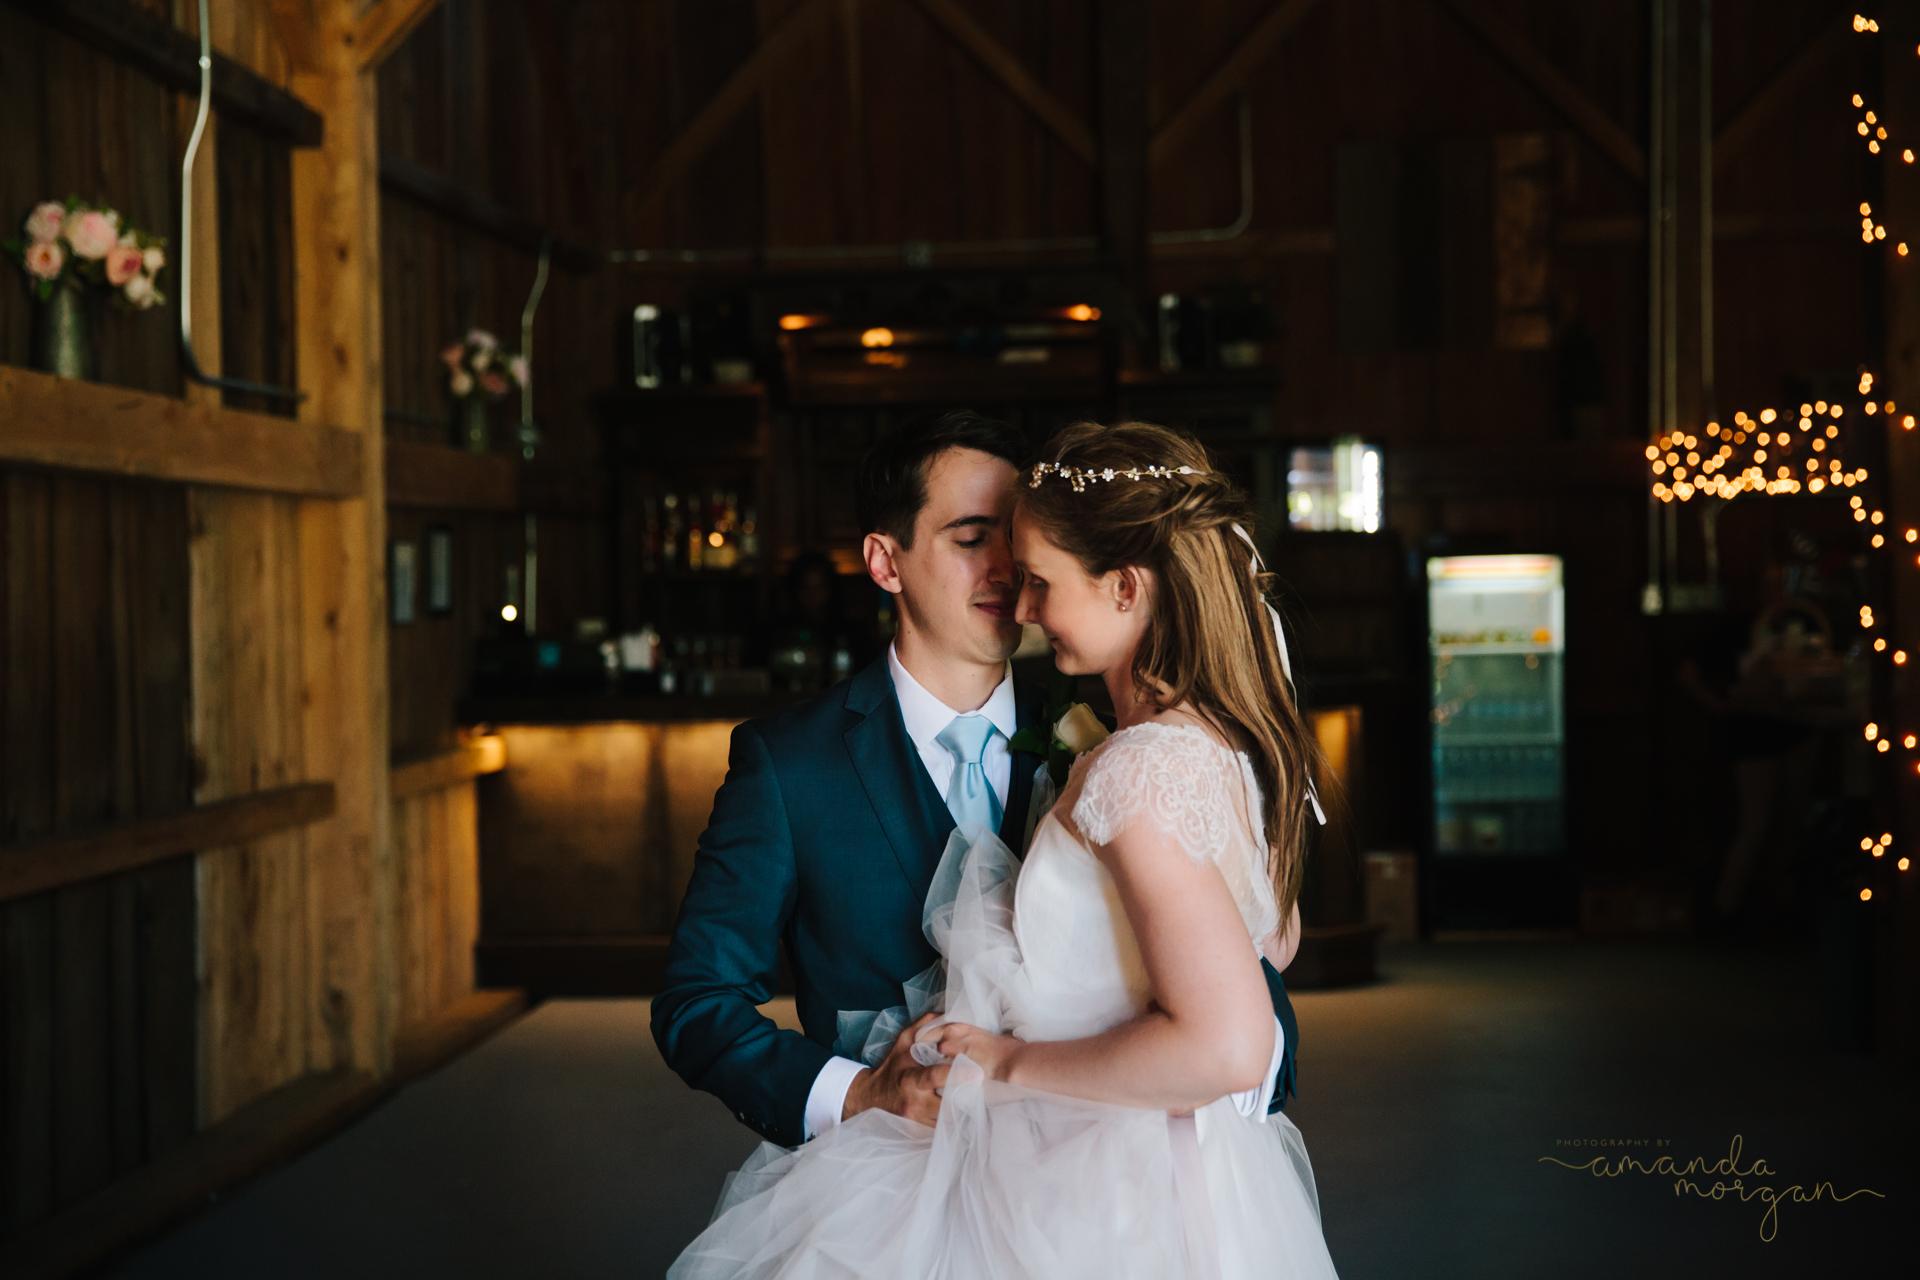 Glimmerstone-Mansion-Vermont-Wedding-Amanda-Morgan-67.jpg